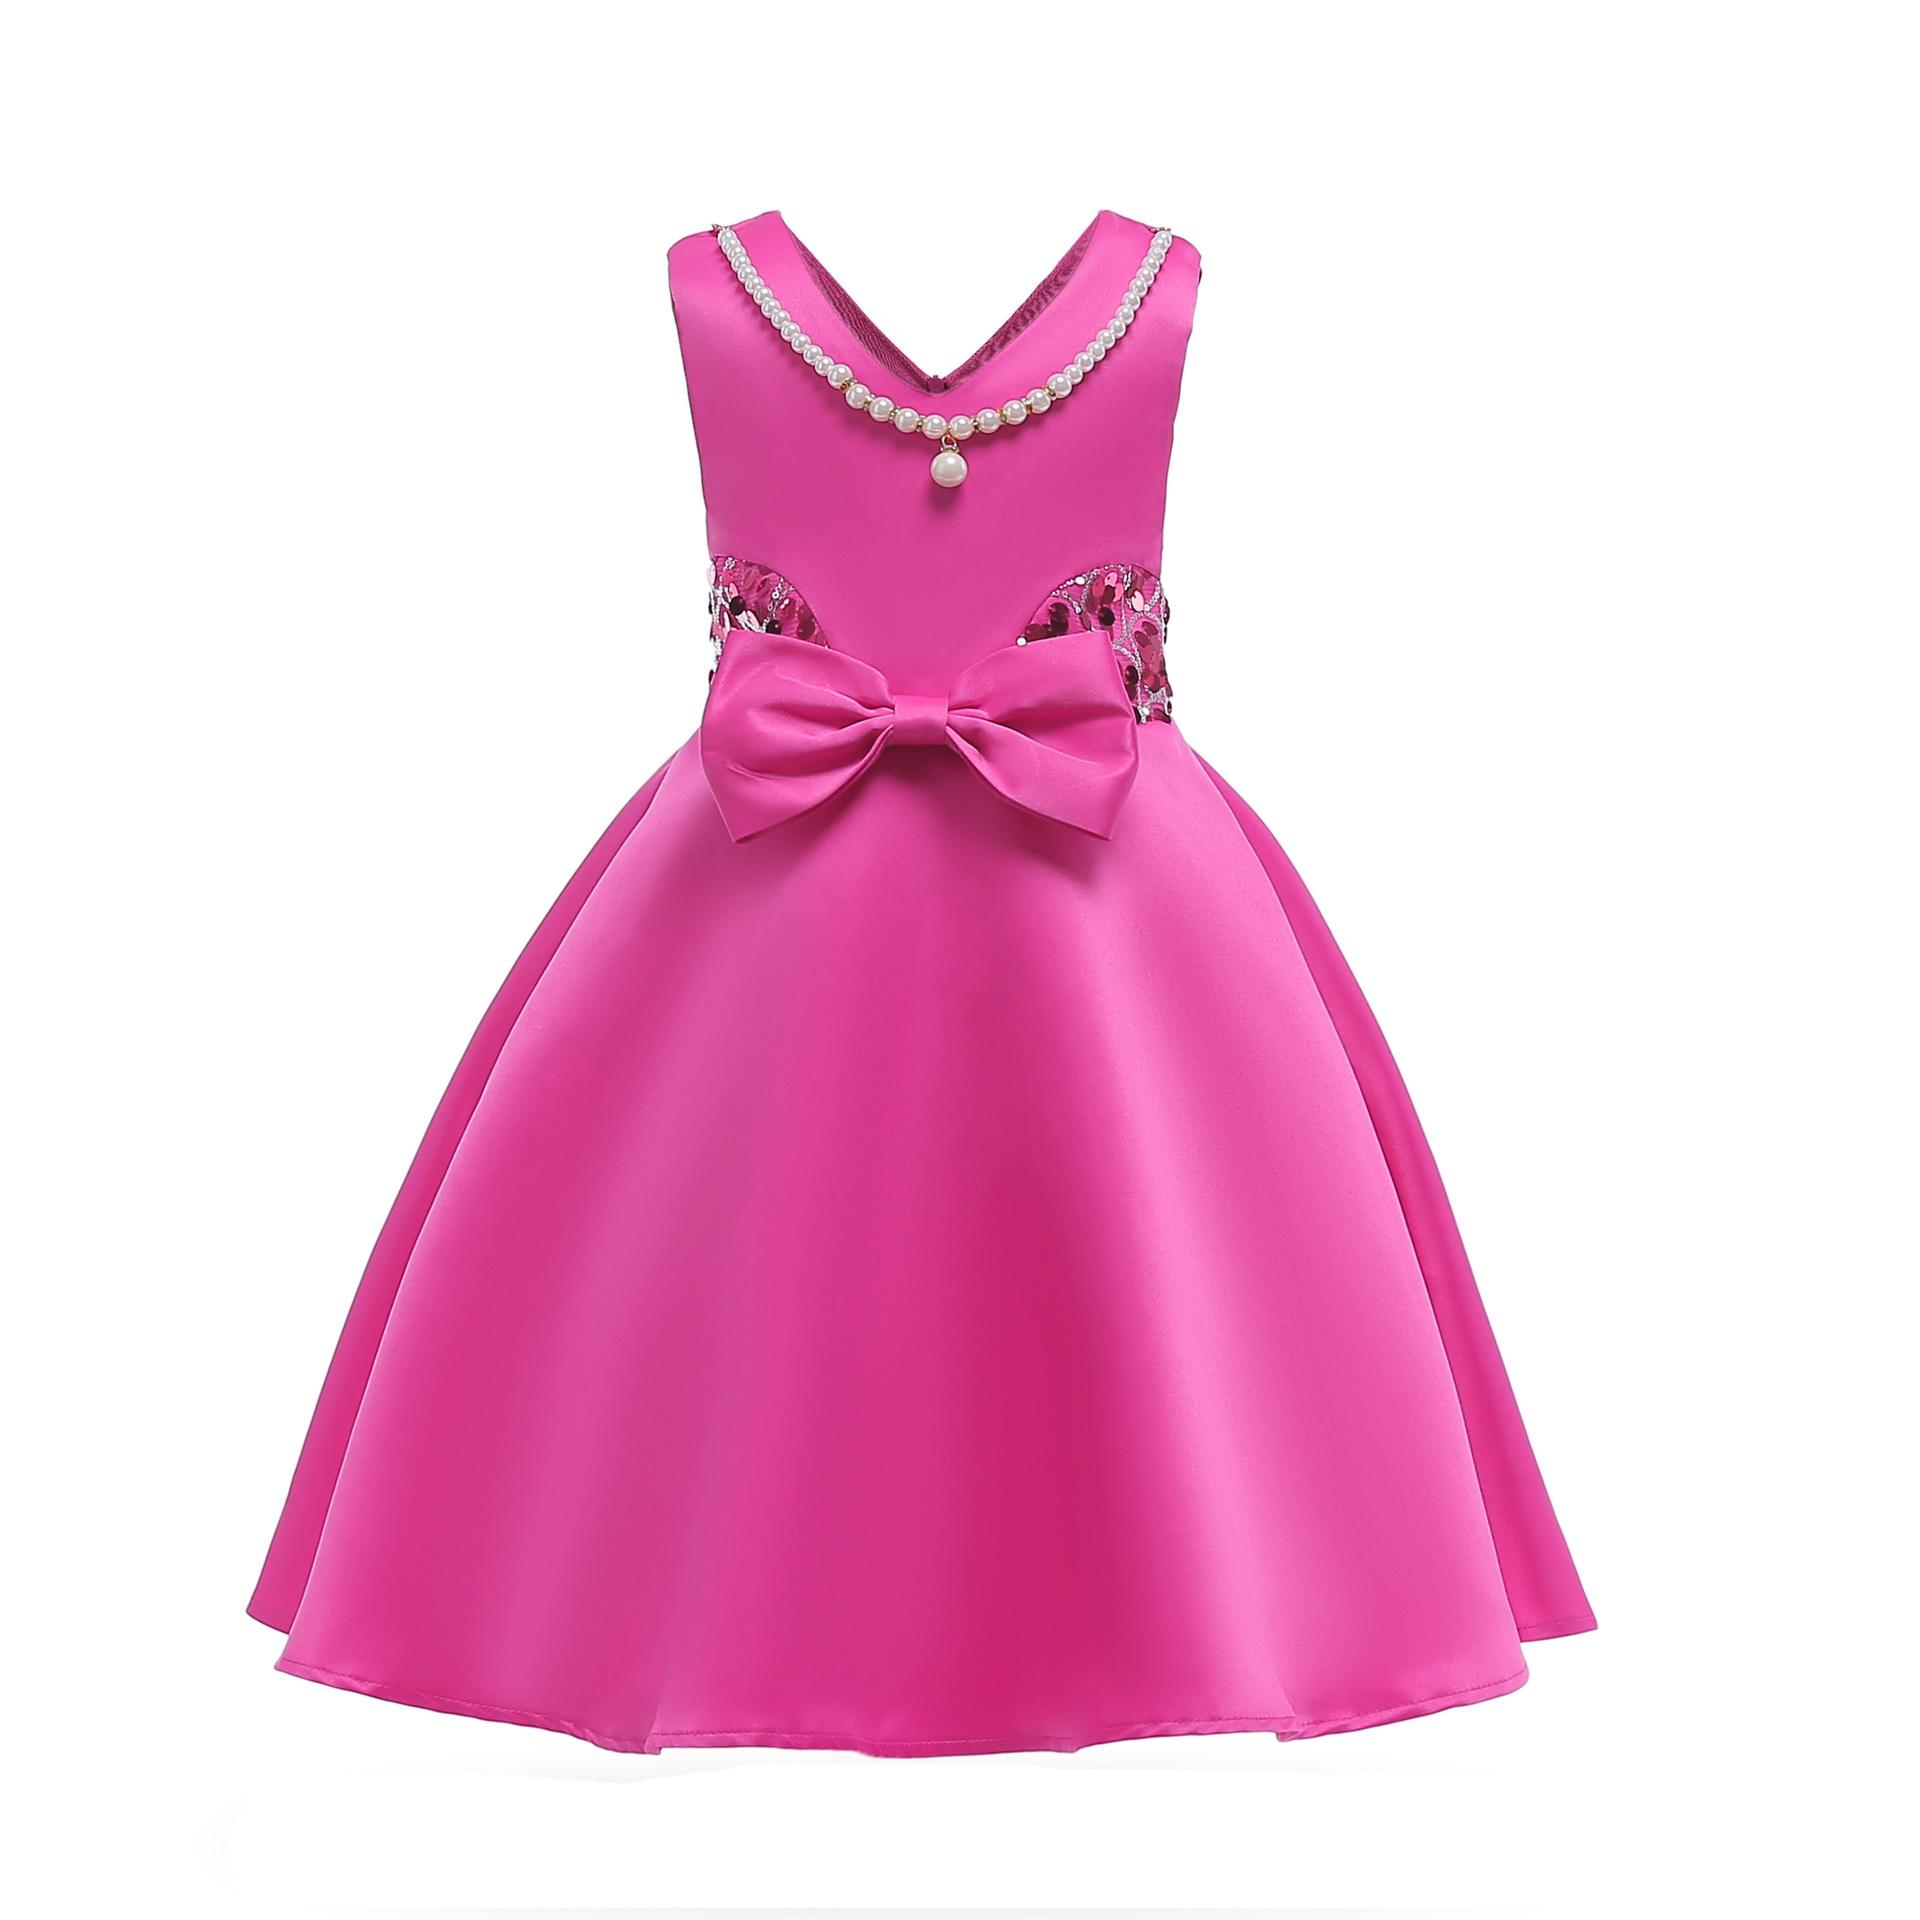 Hibyhoby 2018 nieuwe Boog Baljurk Mouwloze Pailletten jurk Meisjes - Kinderkleding - Foto 3